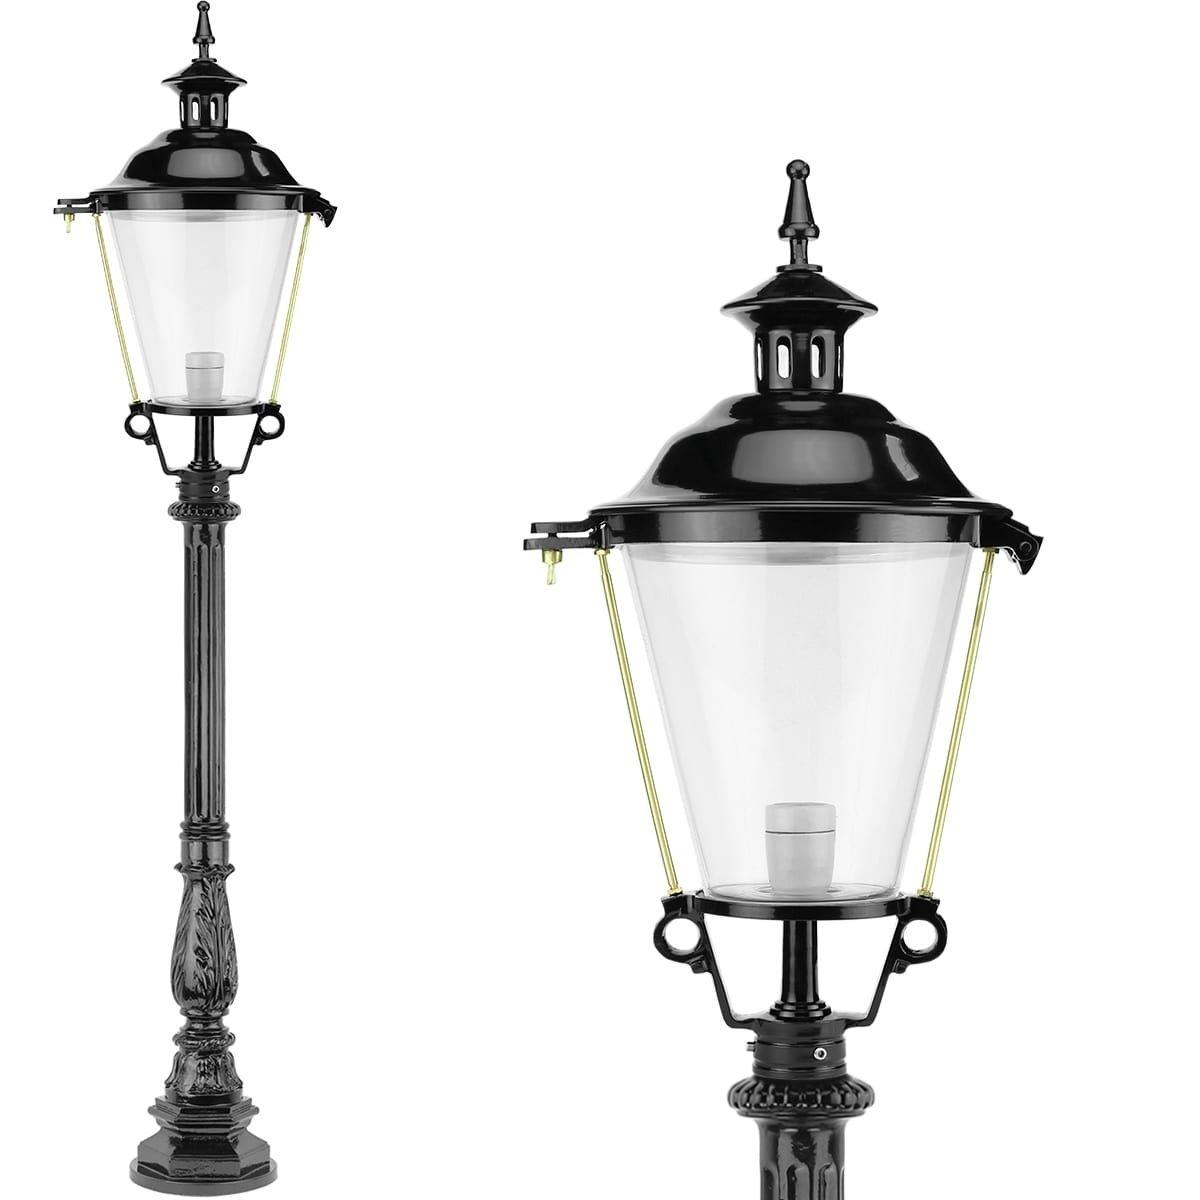 Außenbeleuchtung Klassisch Ländlich Laterne lampe außen Bilthoven - 150 cm